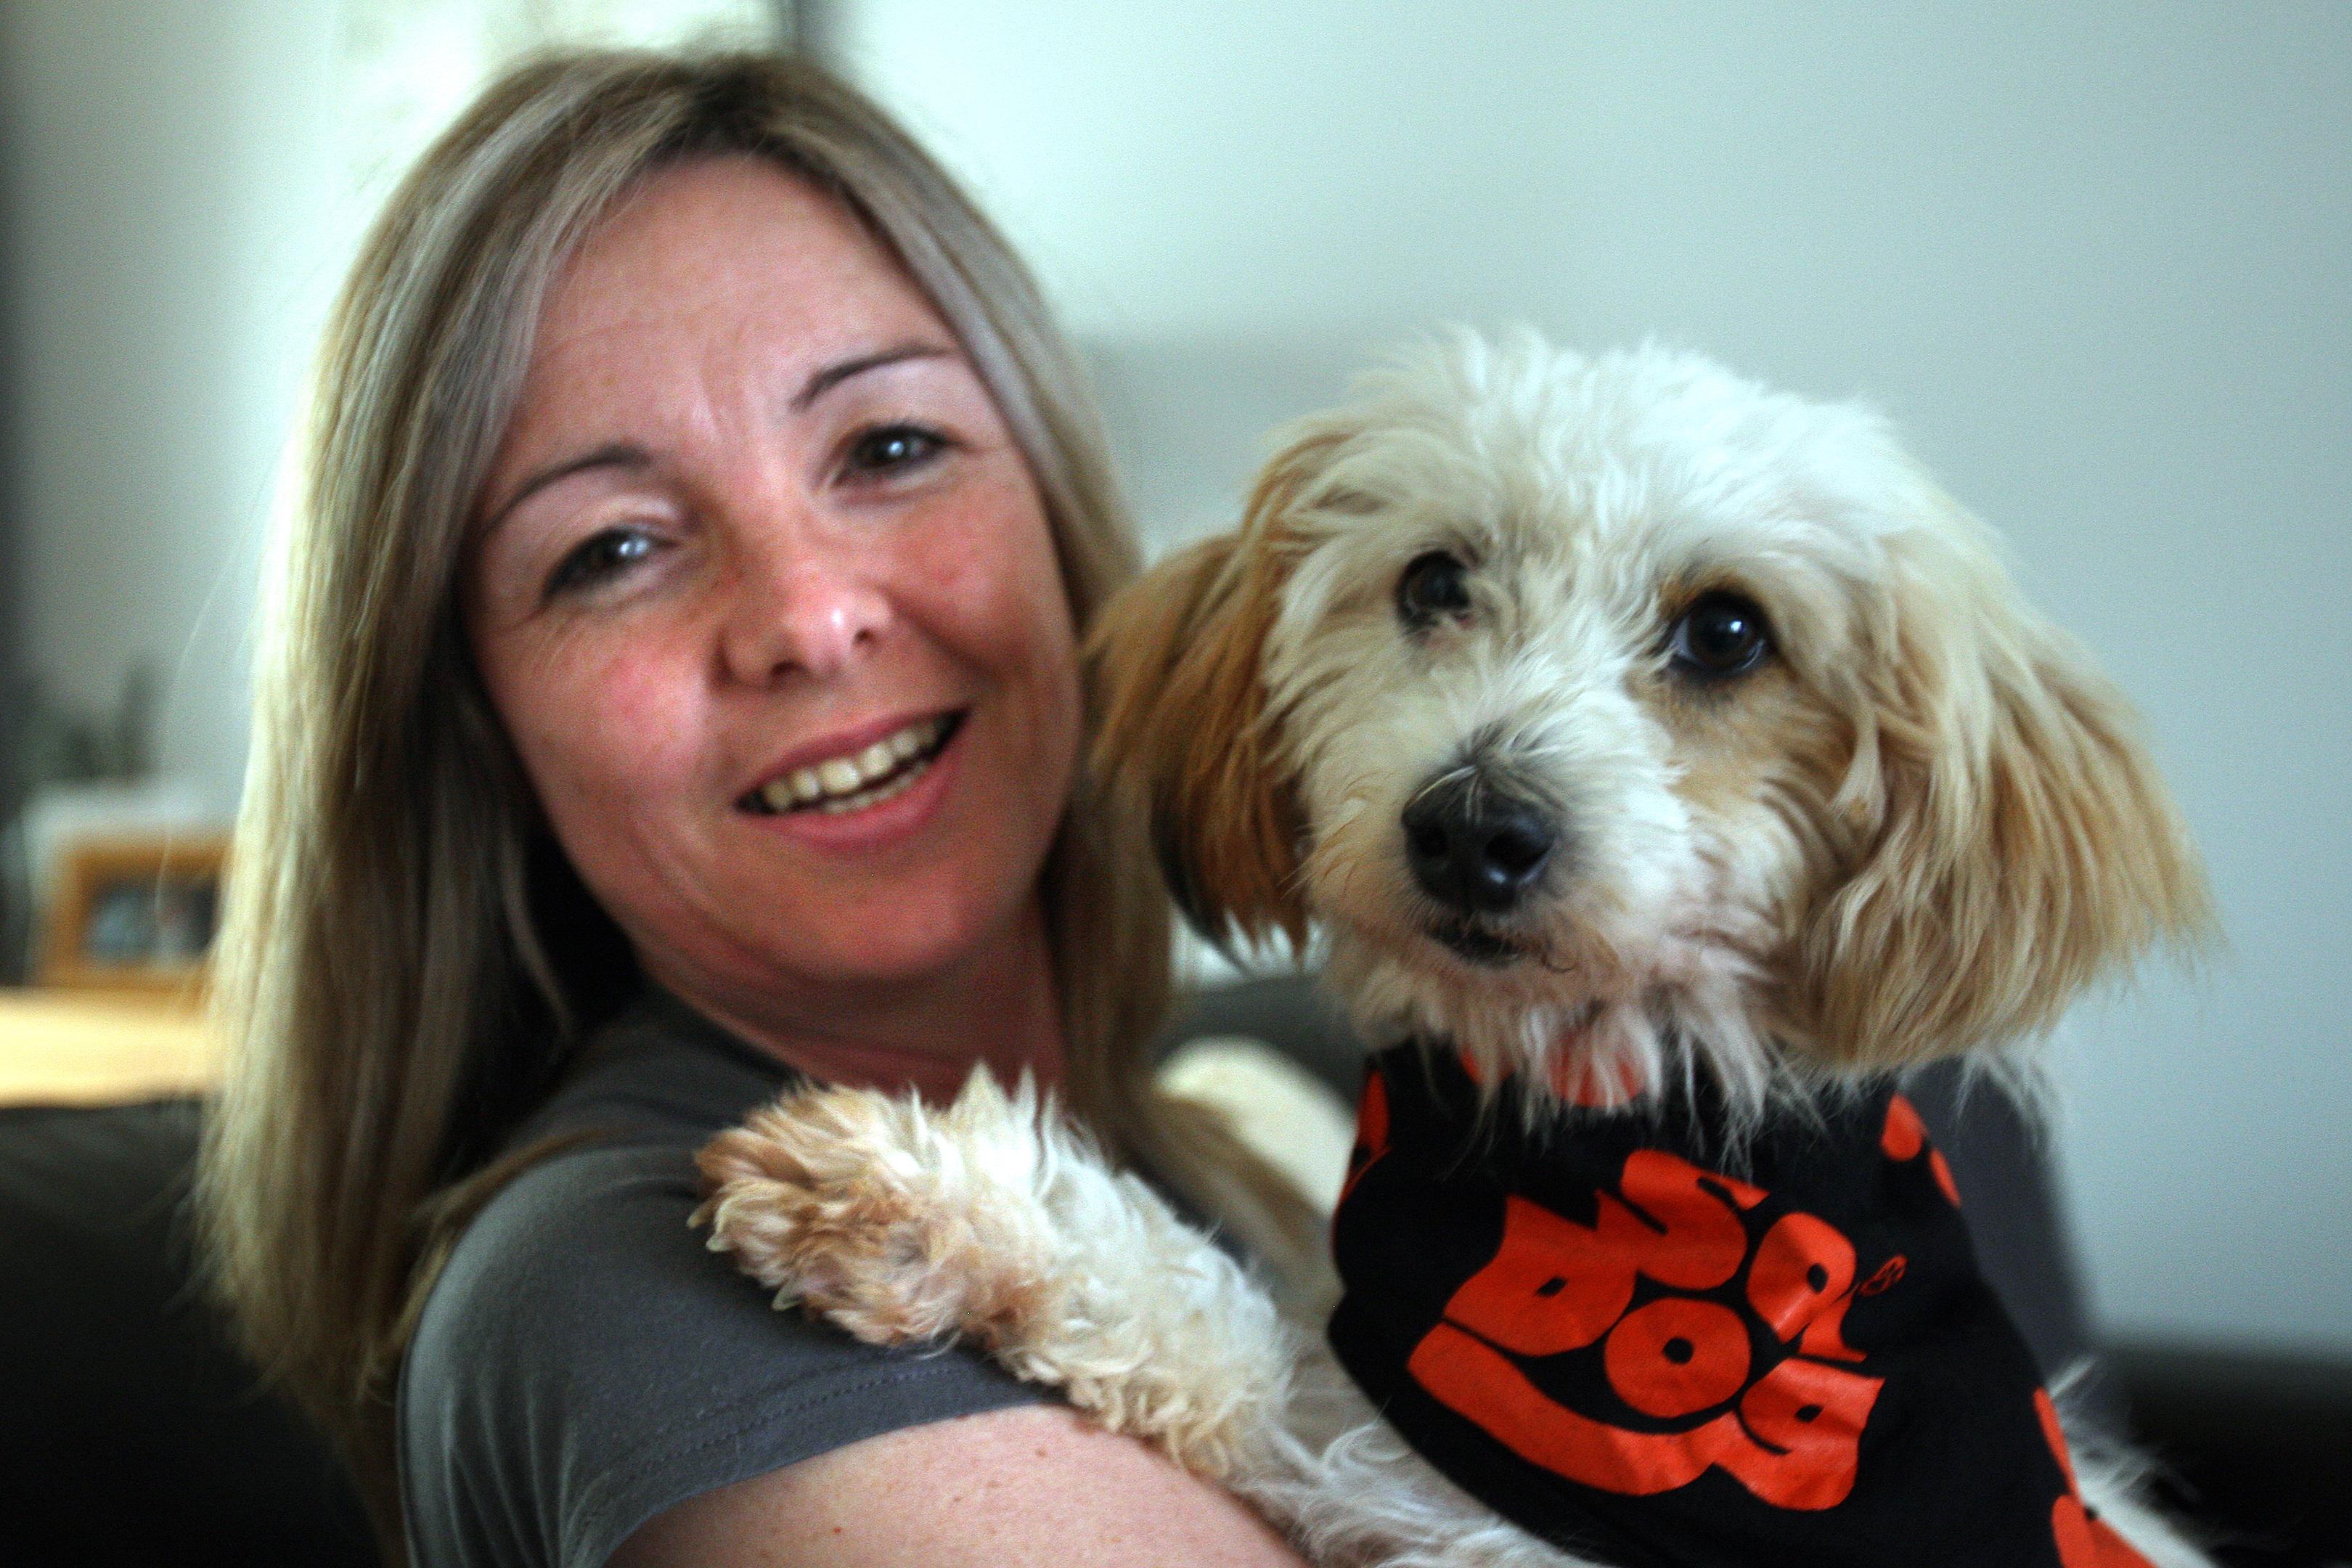 Angie Fox & dog Indi (Kris Miller)